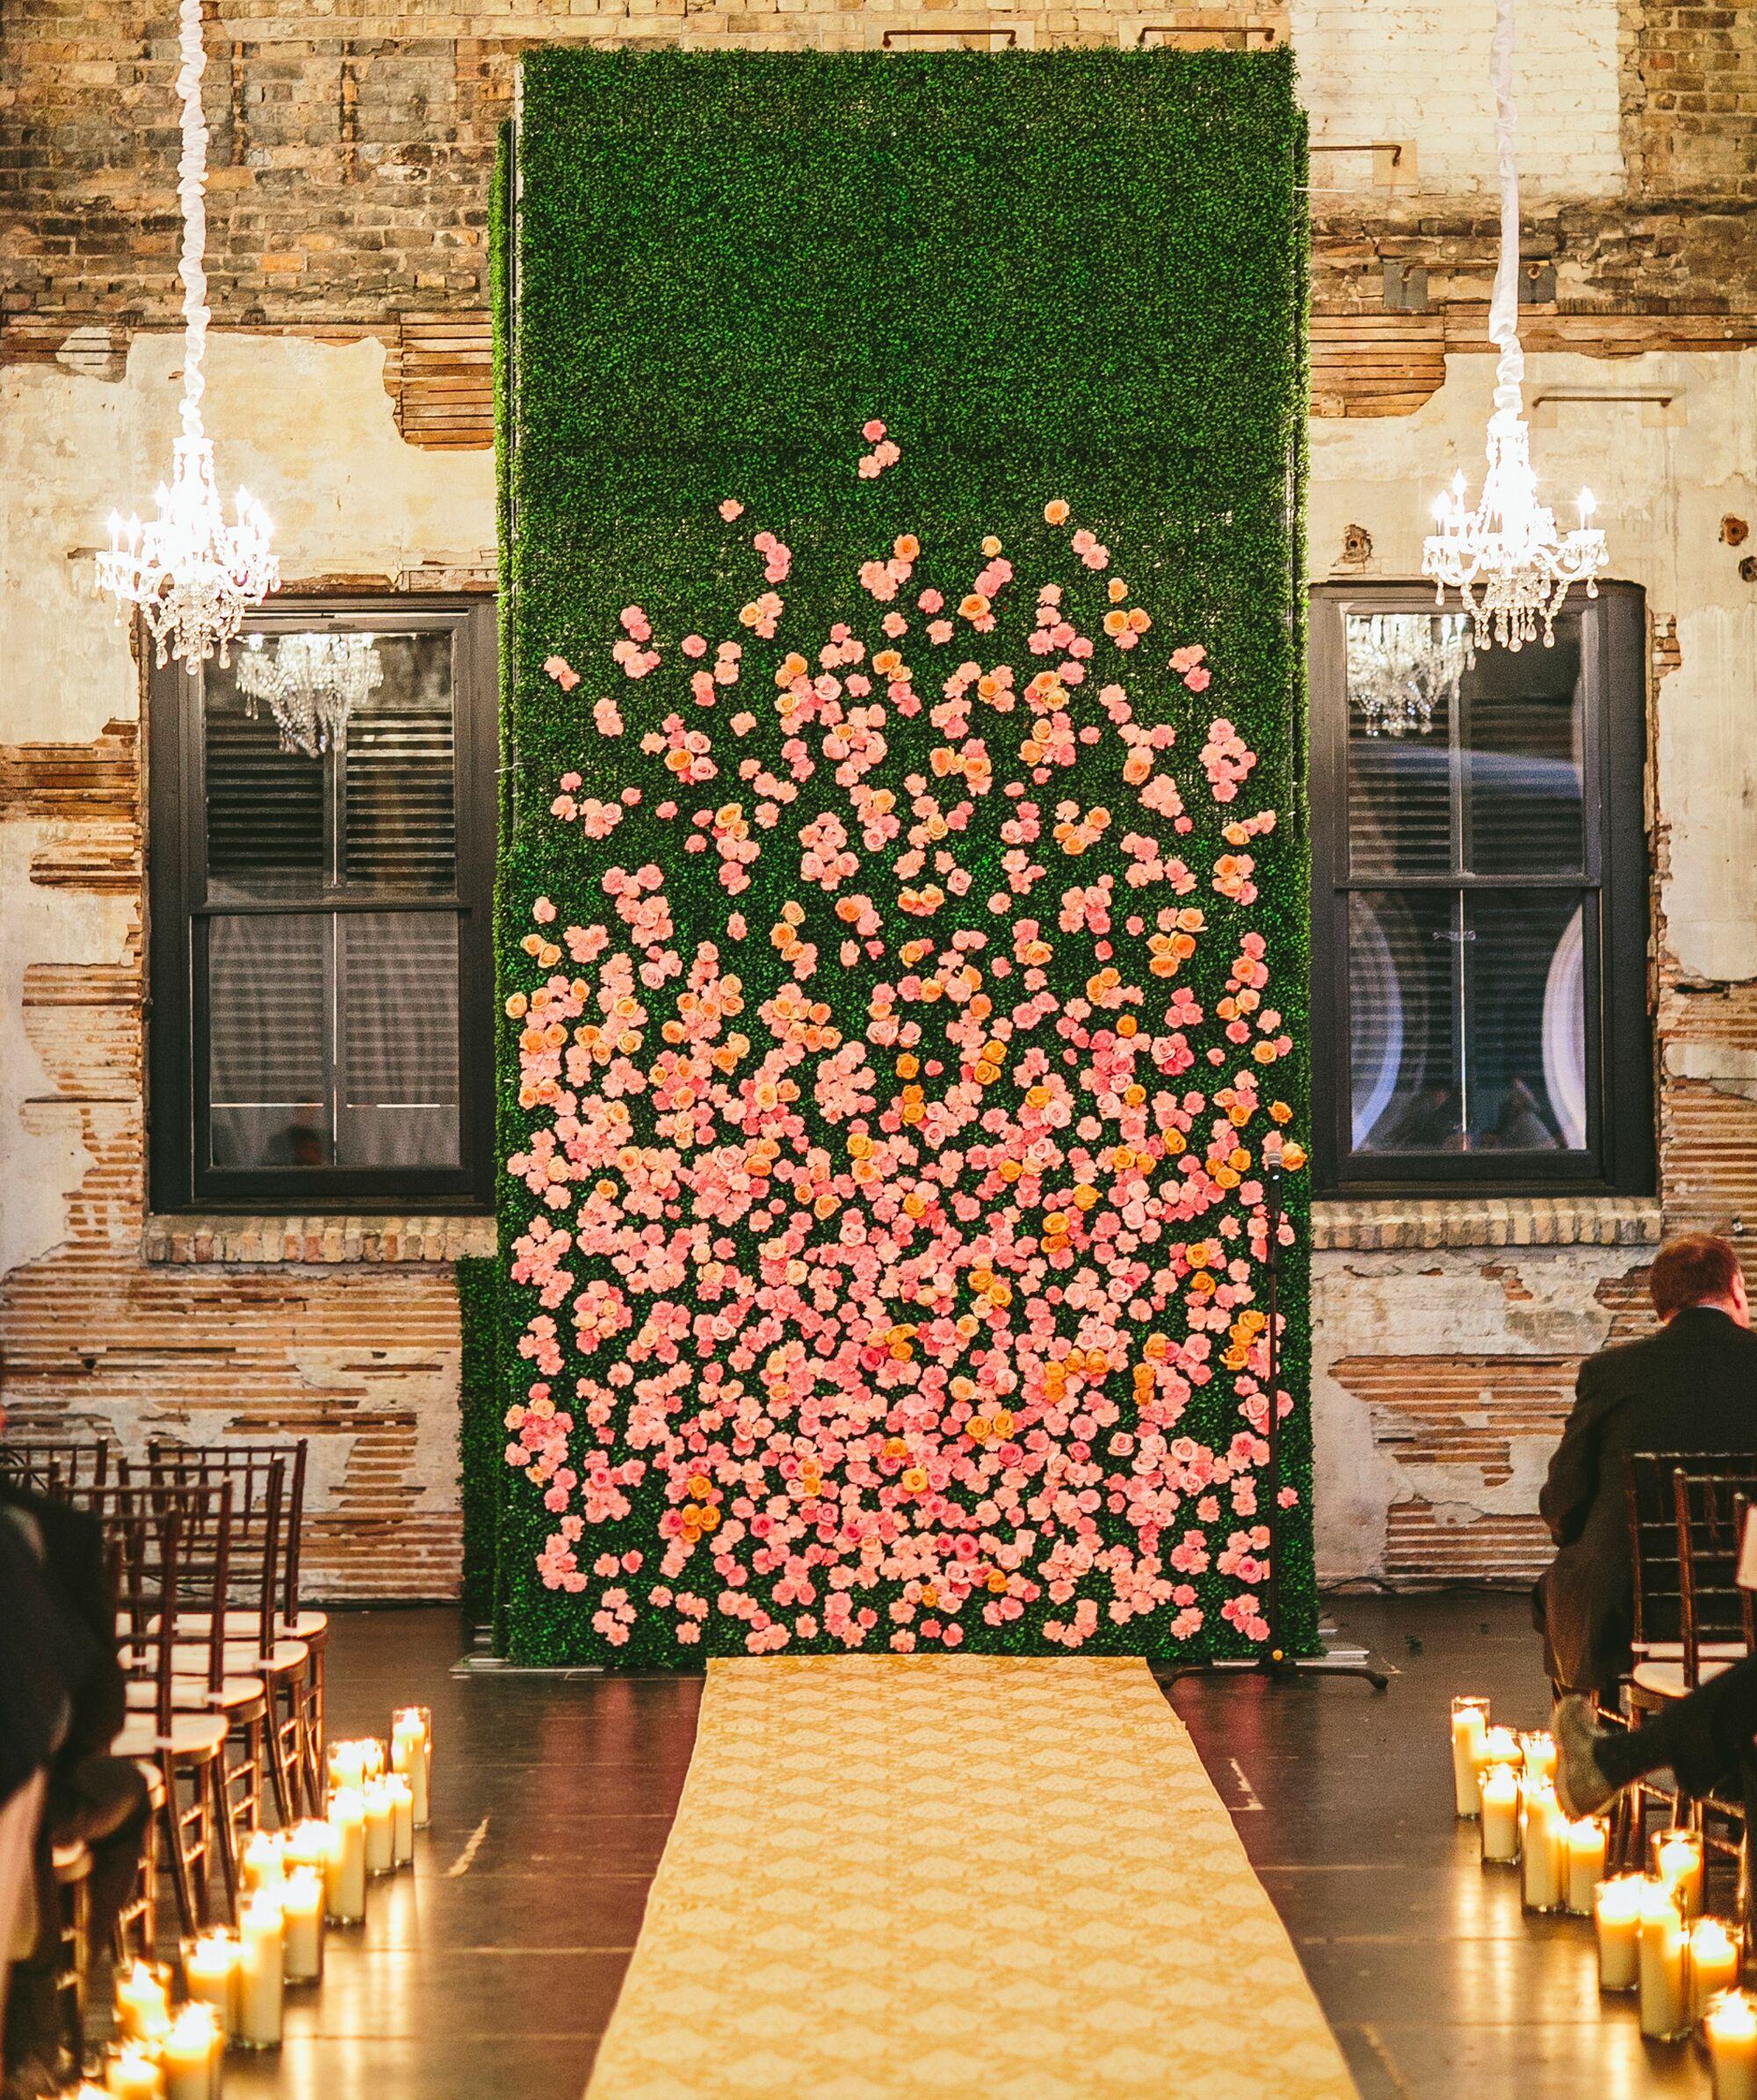 20 Totally Unexpected Wedding Flower Ideas on indoor farm design, indoor water fountain design, indoor room design,